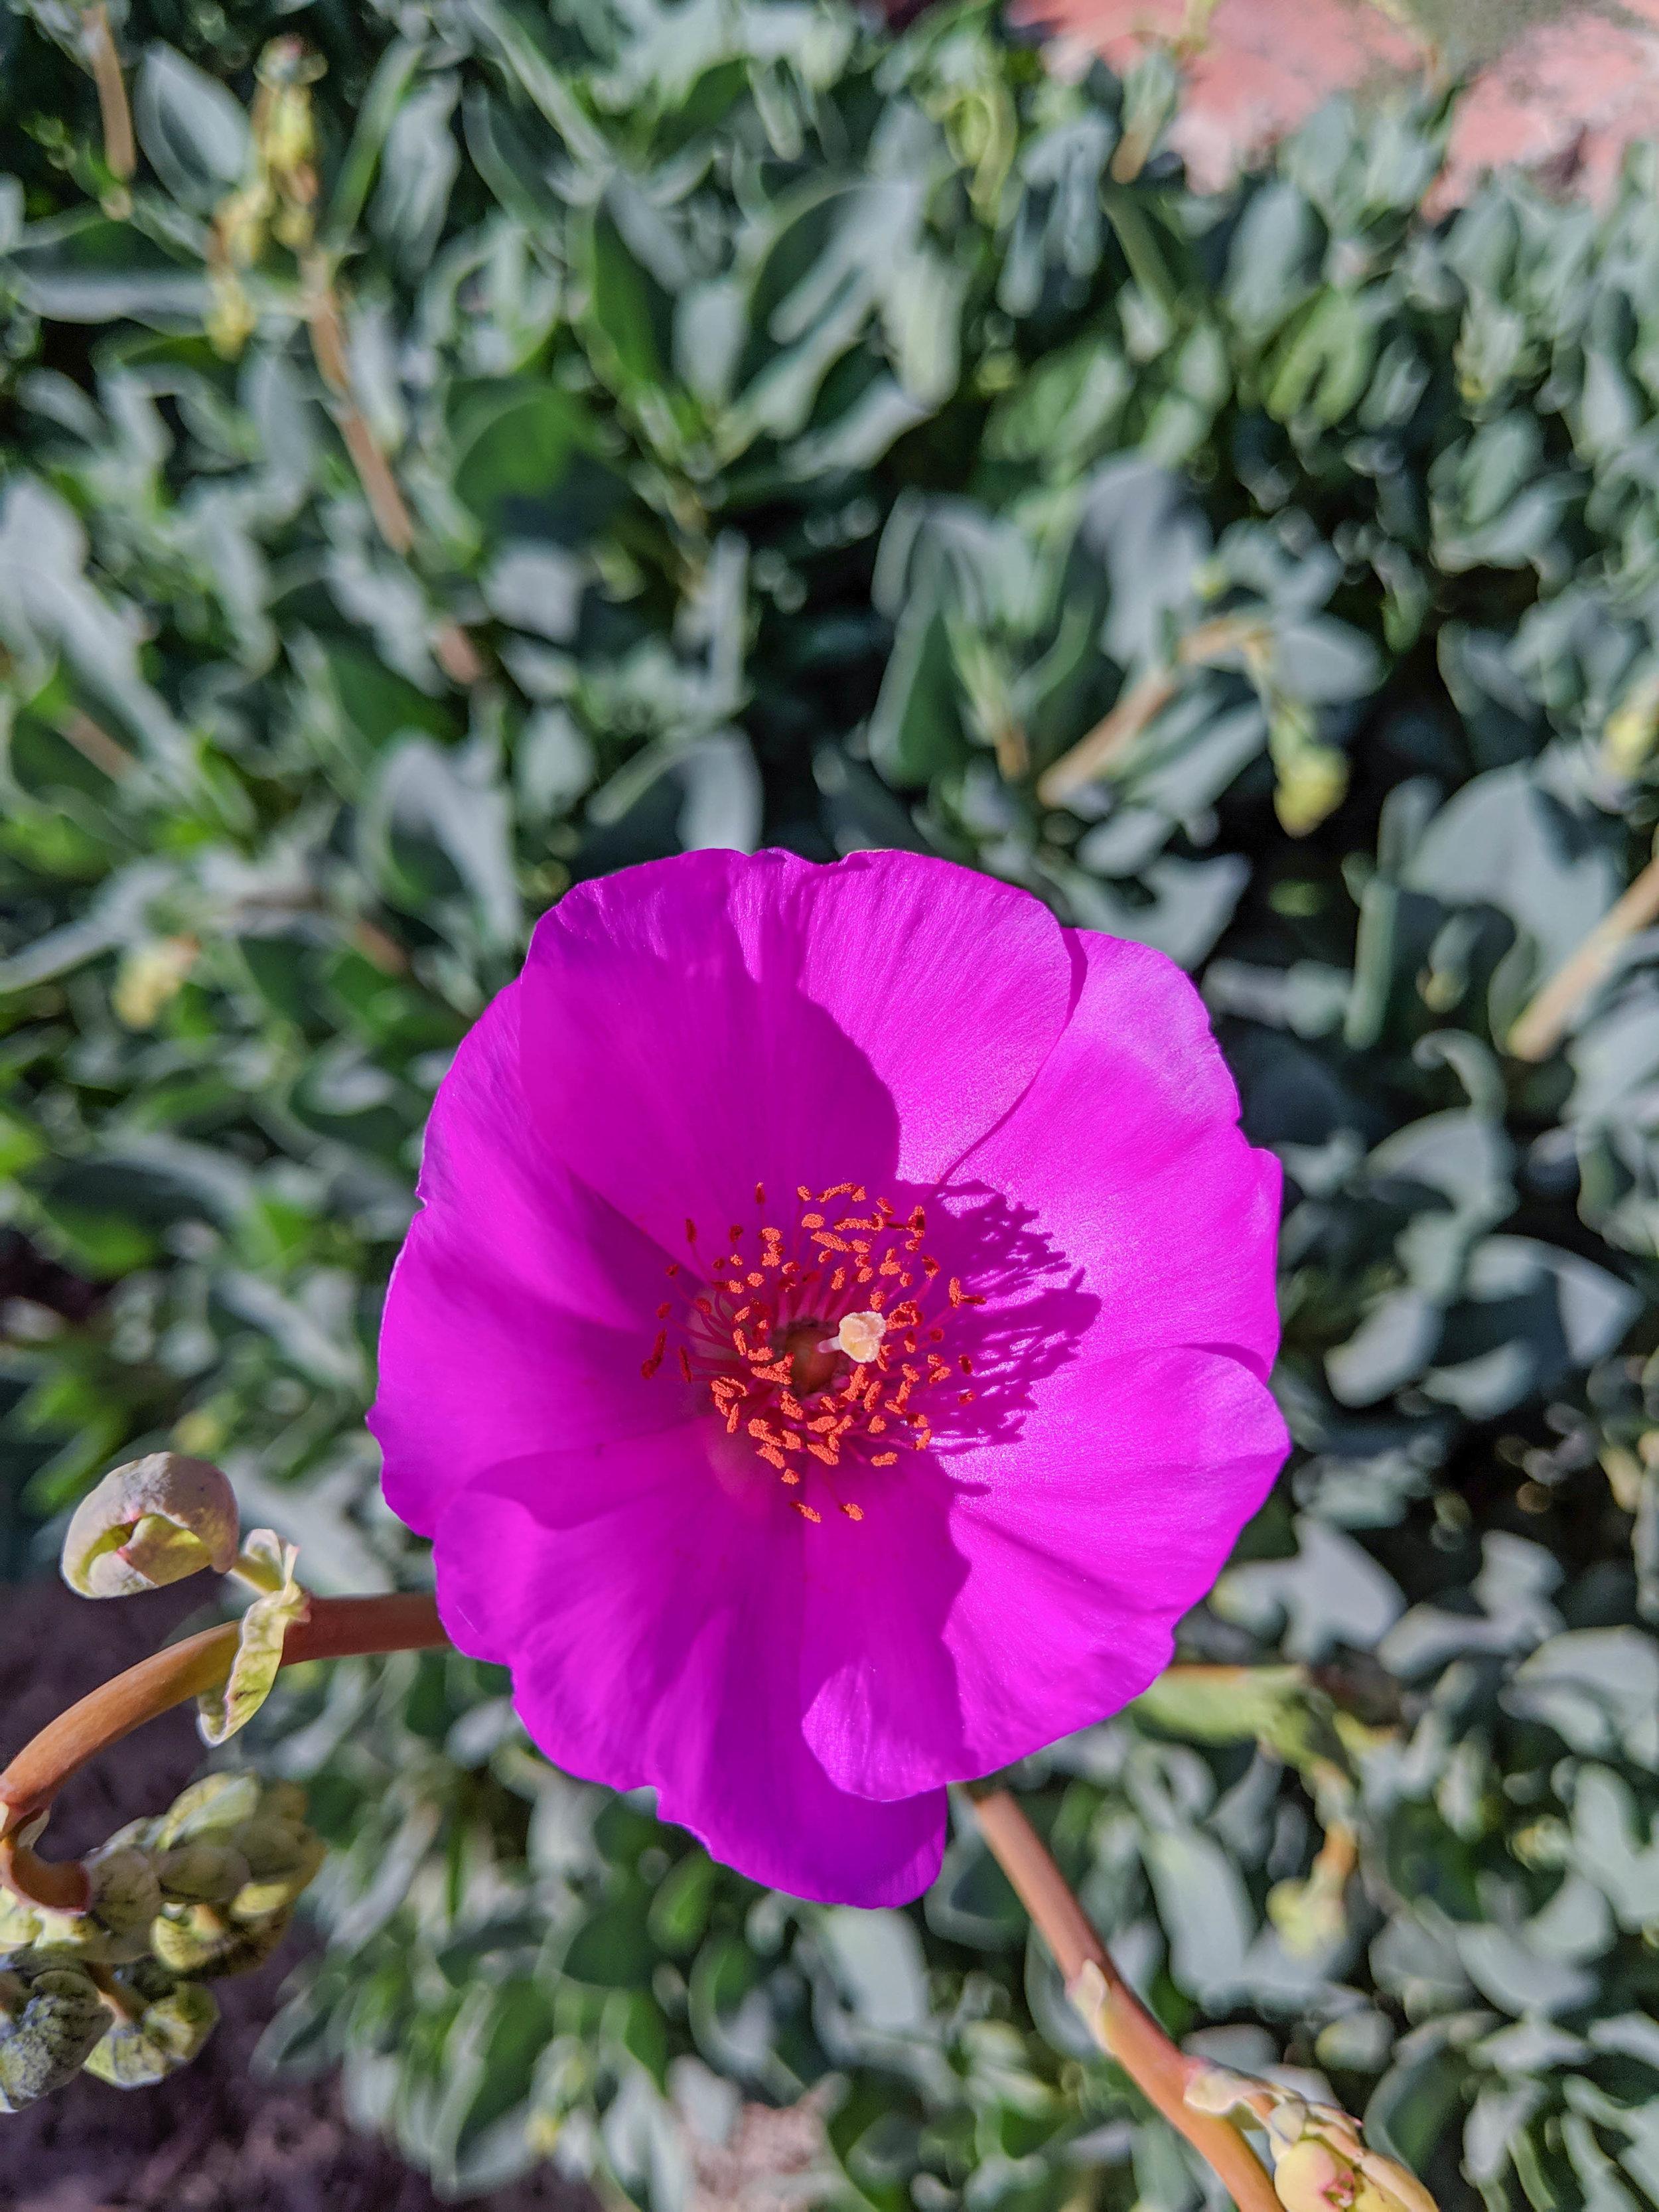 bri rinehart; photography; flower; nature